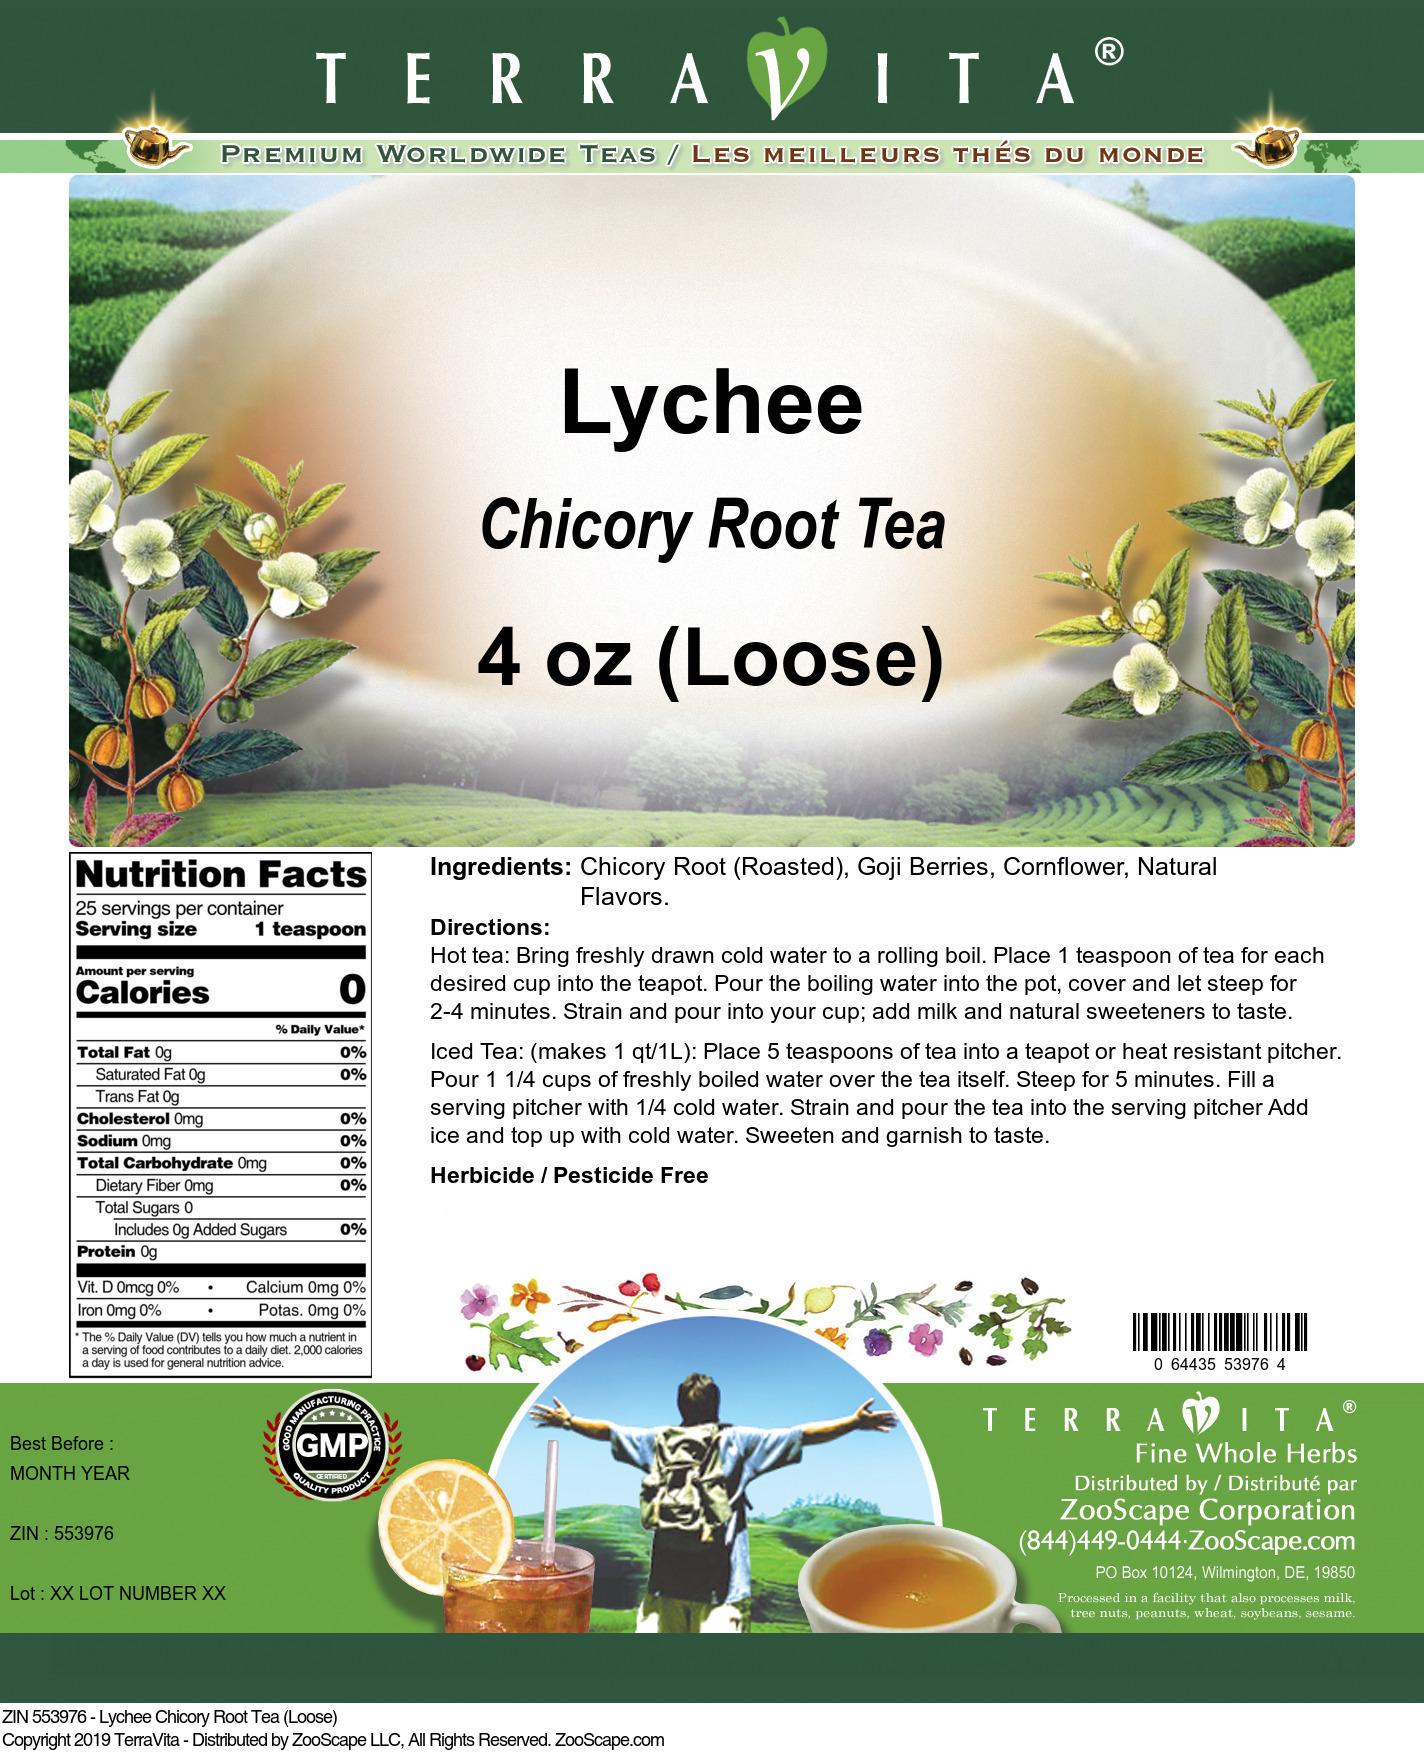 Lychee Chicory Root